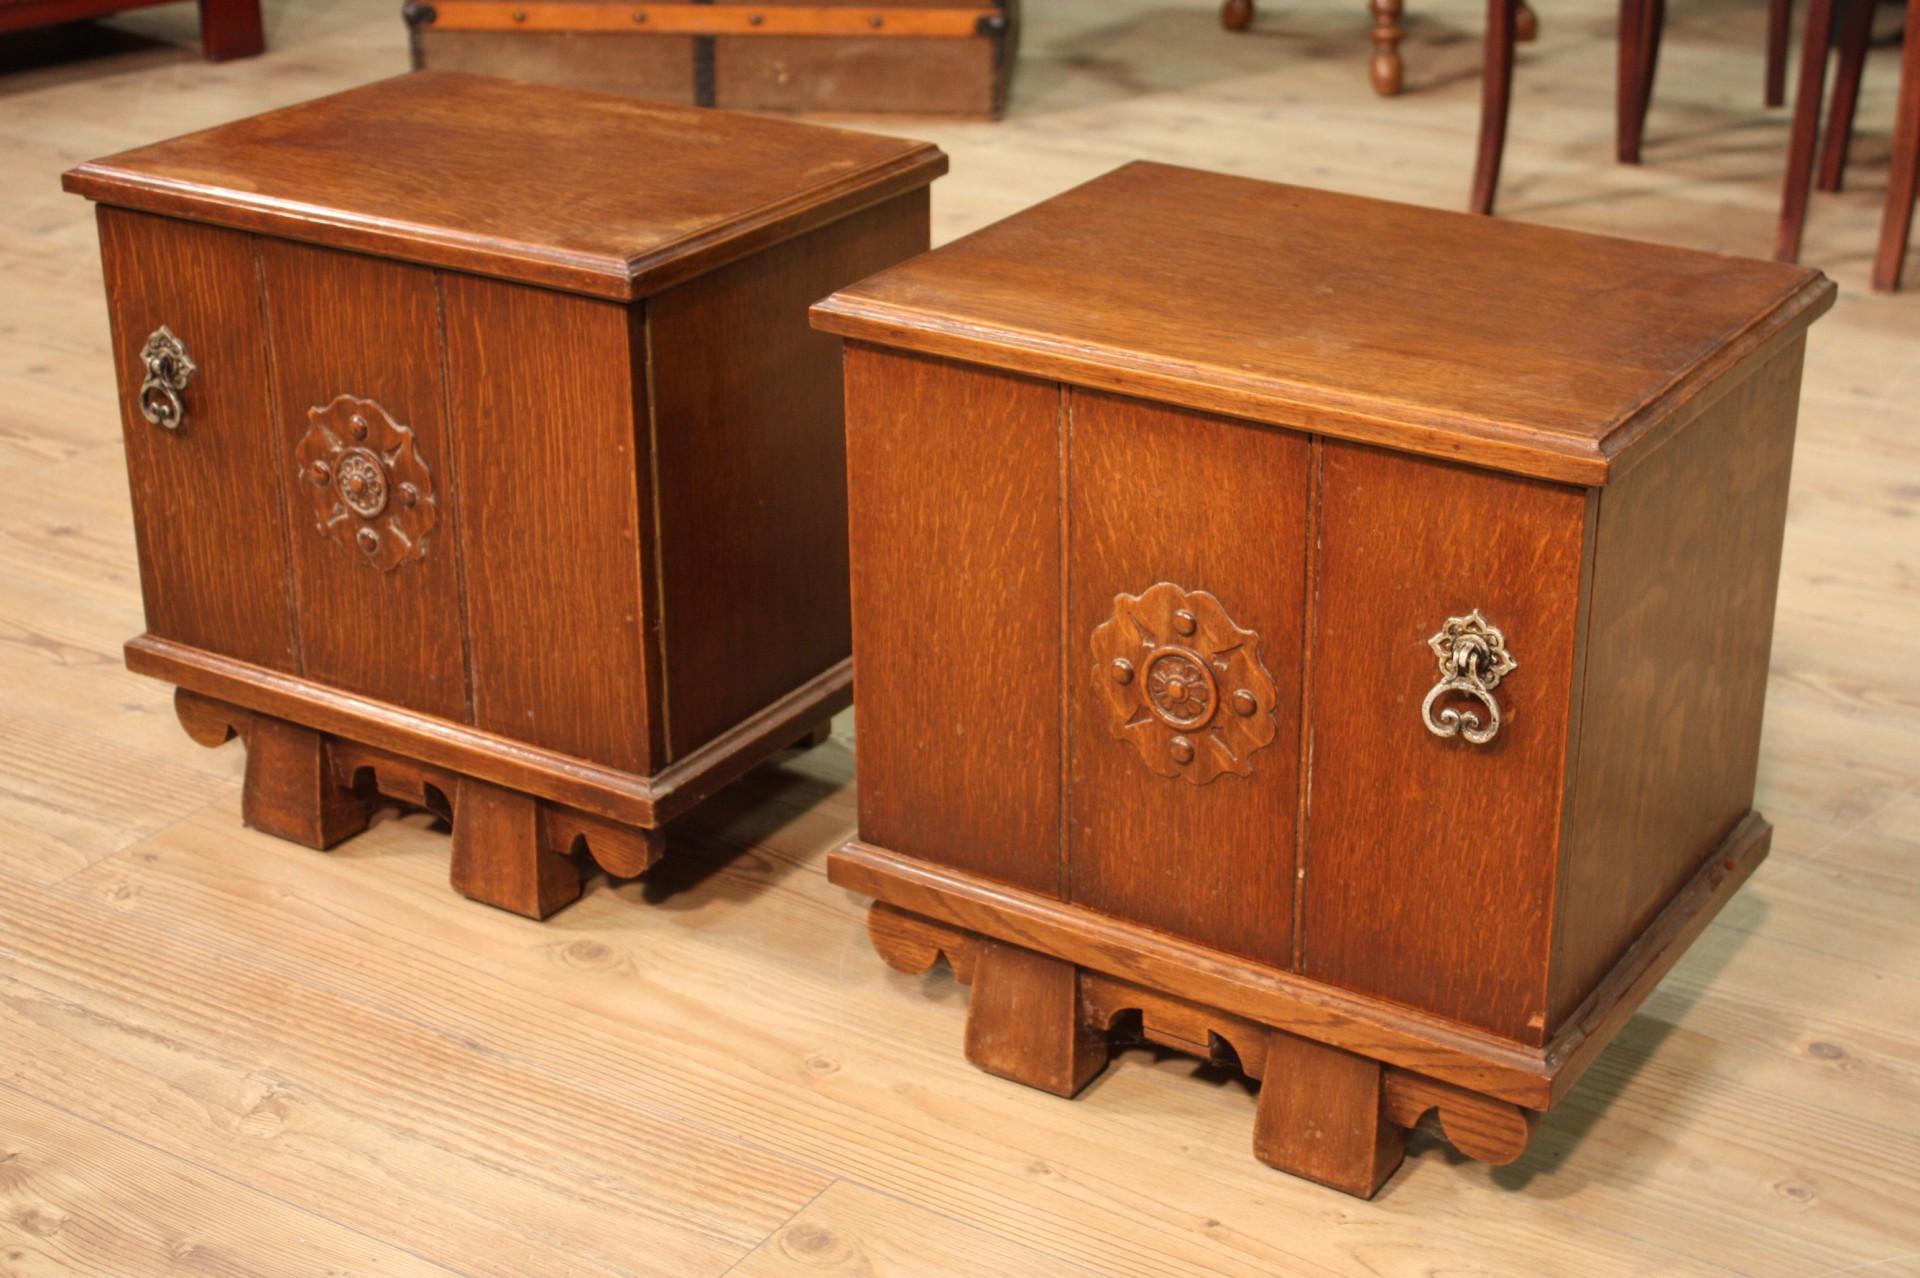 Annuncio: Coppia di comodini olandesi in legno di rovere • NowArc